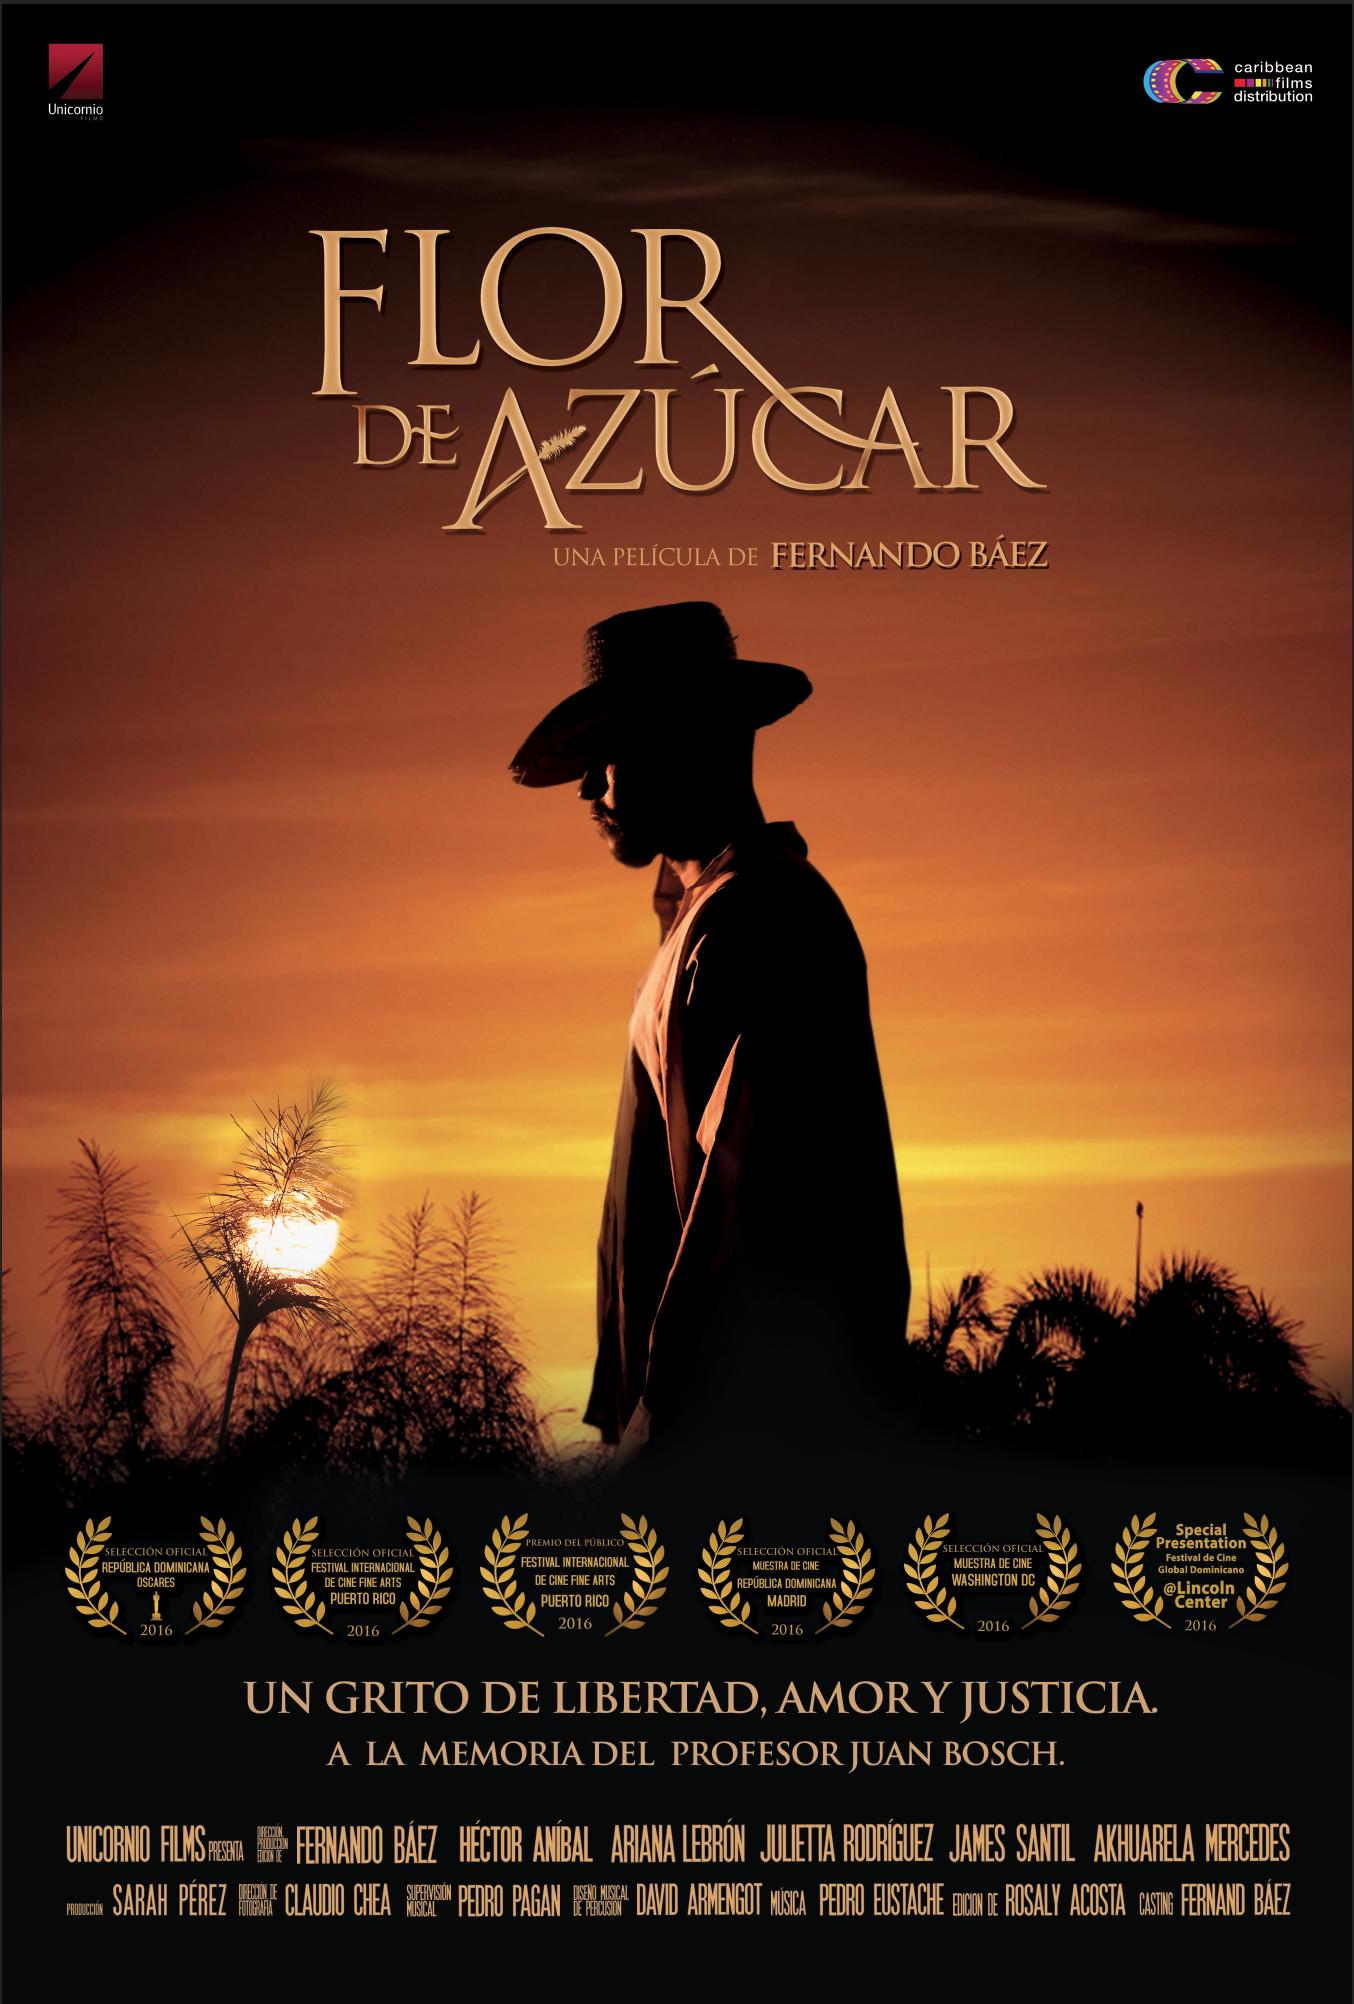 Flor De Azucar film